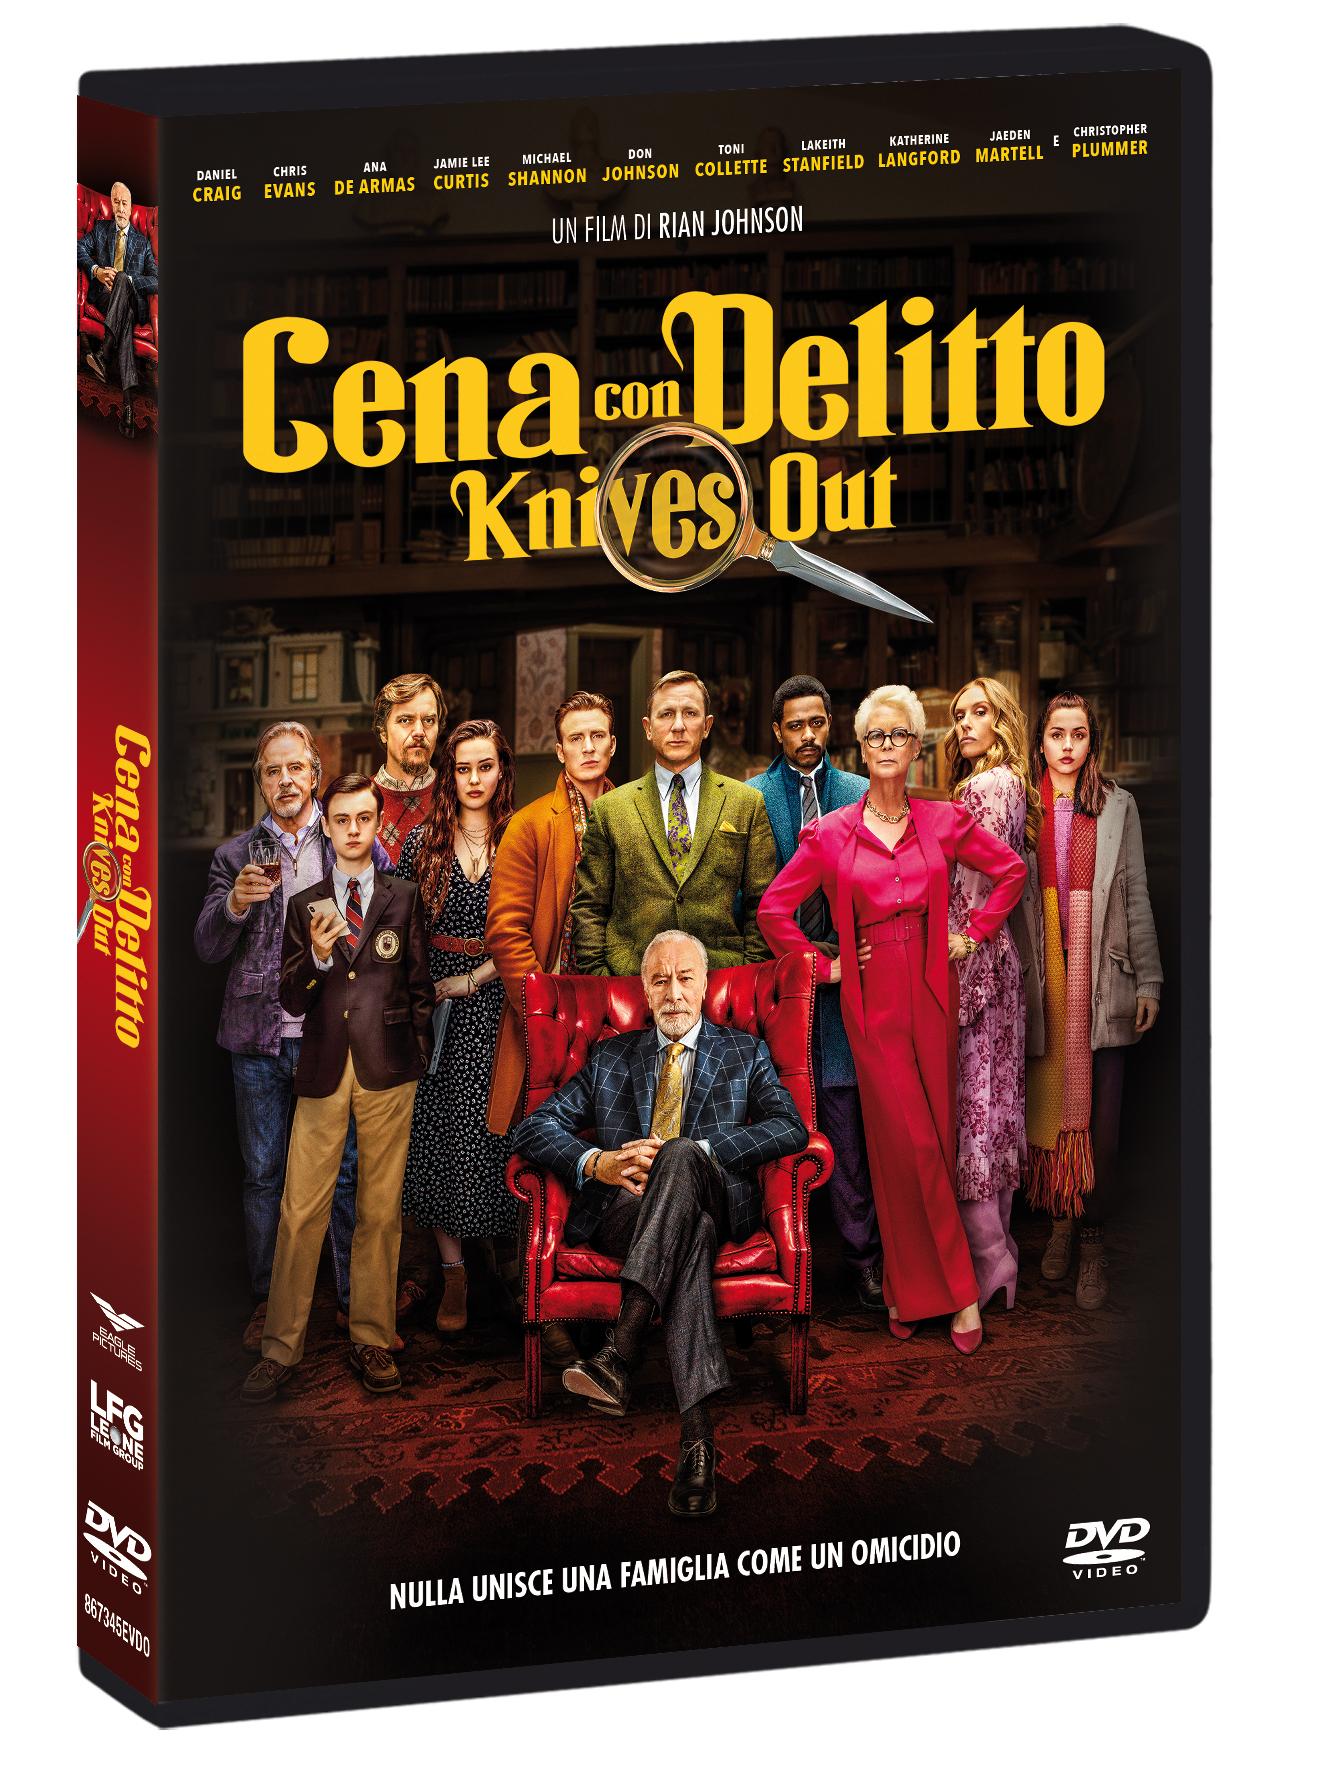 CENA CON DELITTO (DVD)